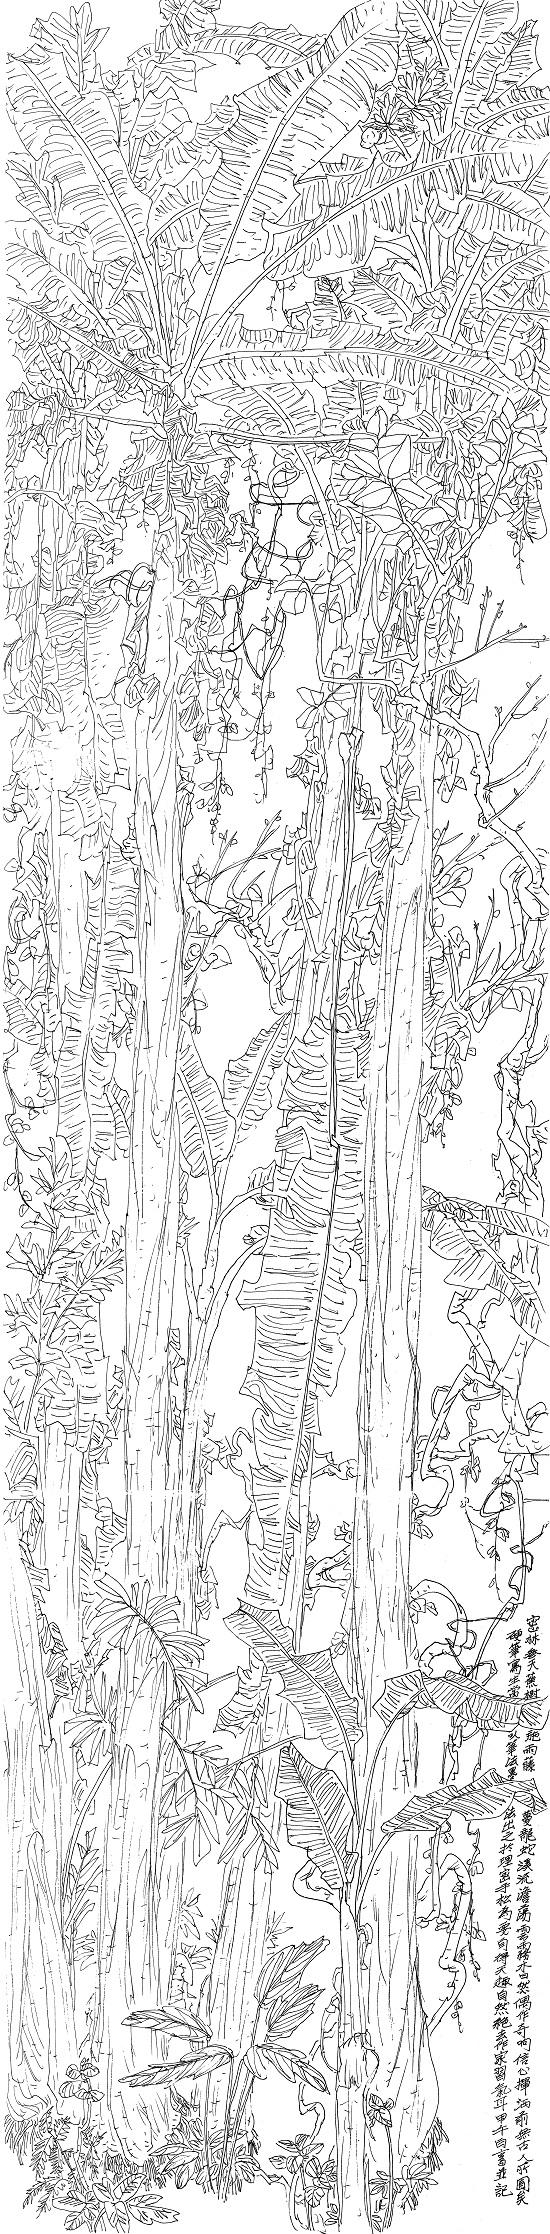 热带雨林线描写生集,这需要毅力和功力,需要对雨林植物的全面认识